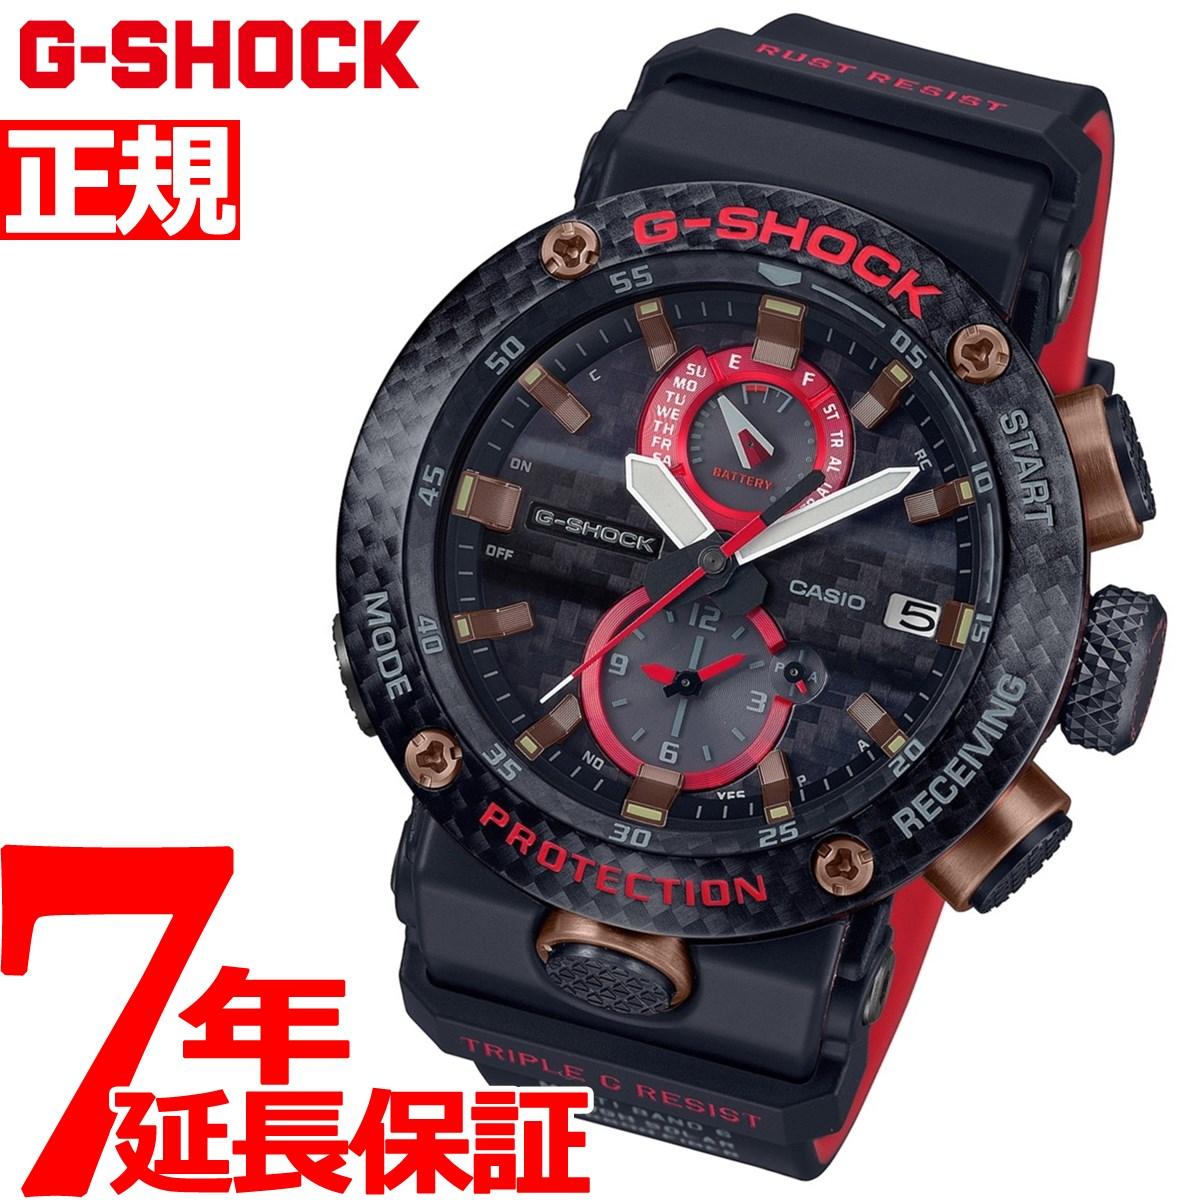 ニールがお得!今ならポイント最大39倍!10日23時59分まで! G-SHOCK カシオ Gショック グラビティマスター CASIO 電波 ソーラー 限定モデル 腕時計 メンズ GWR-B1000X-1AJR【2019 新作】